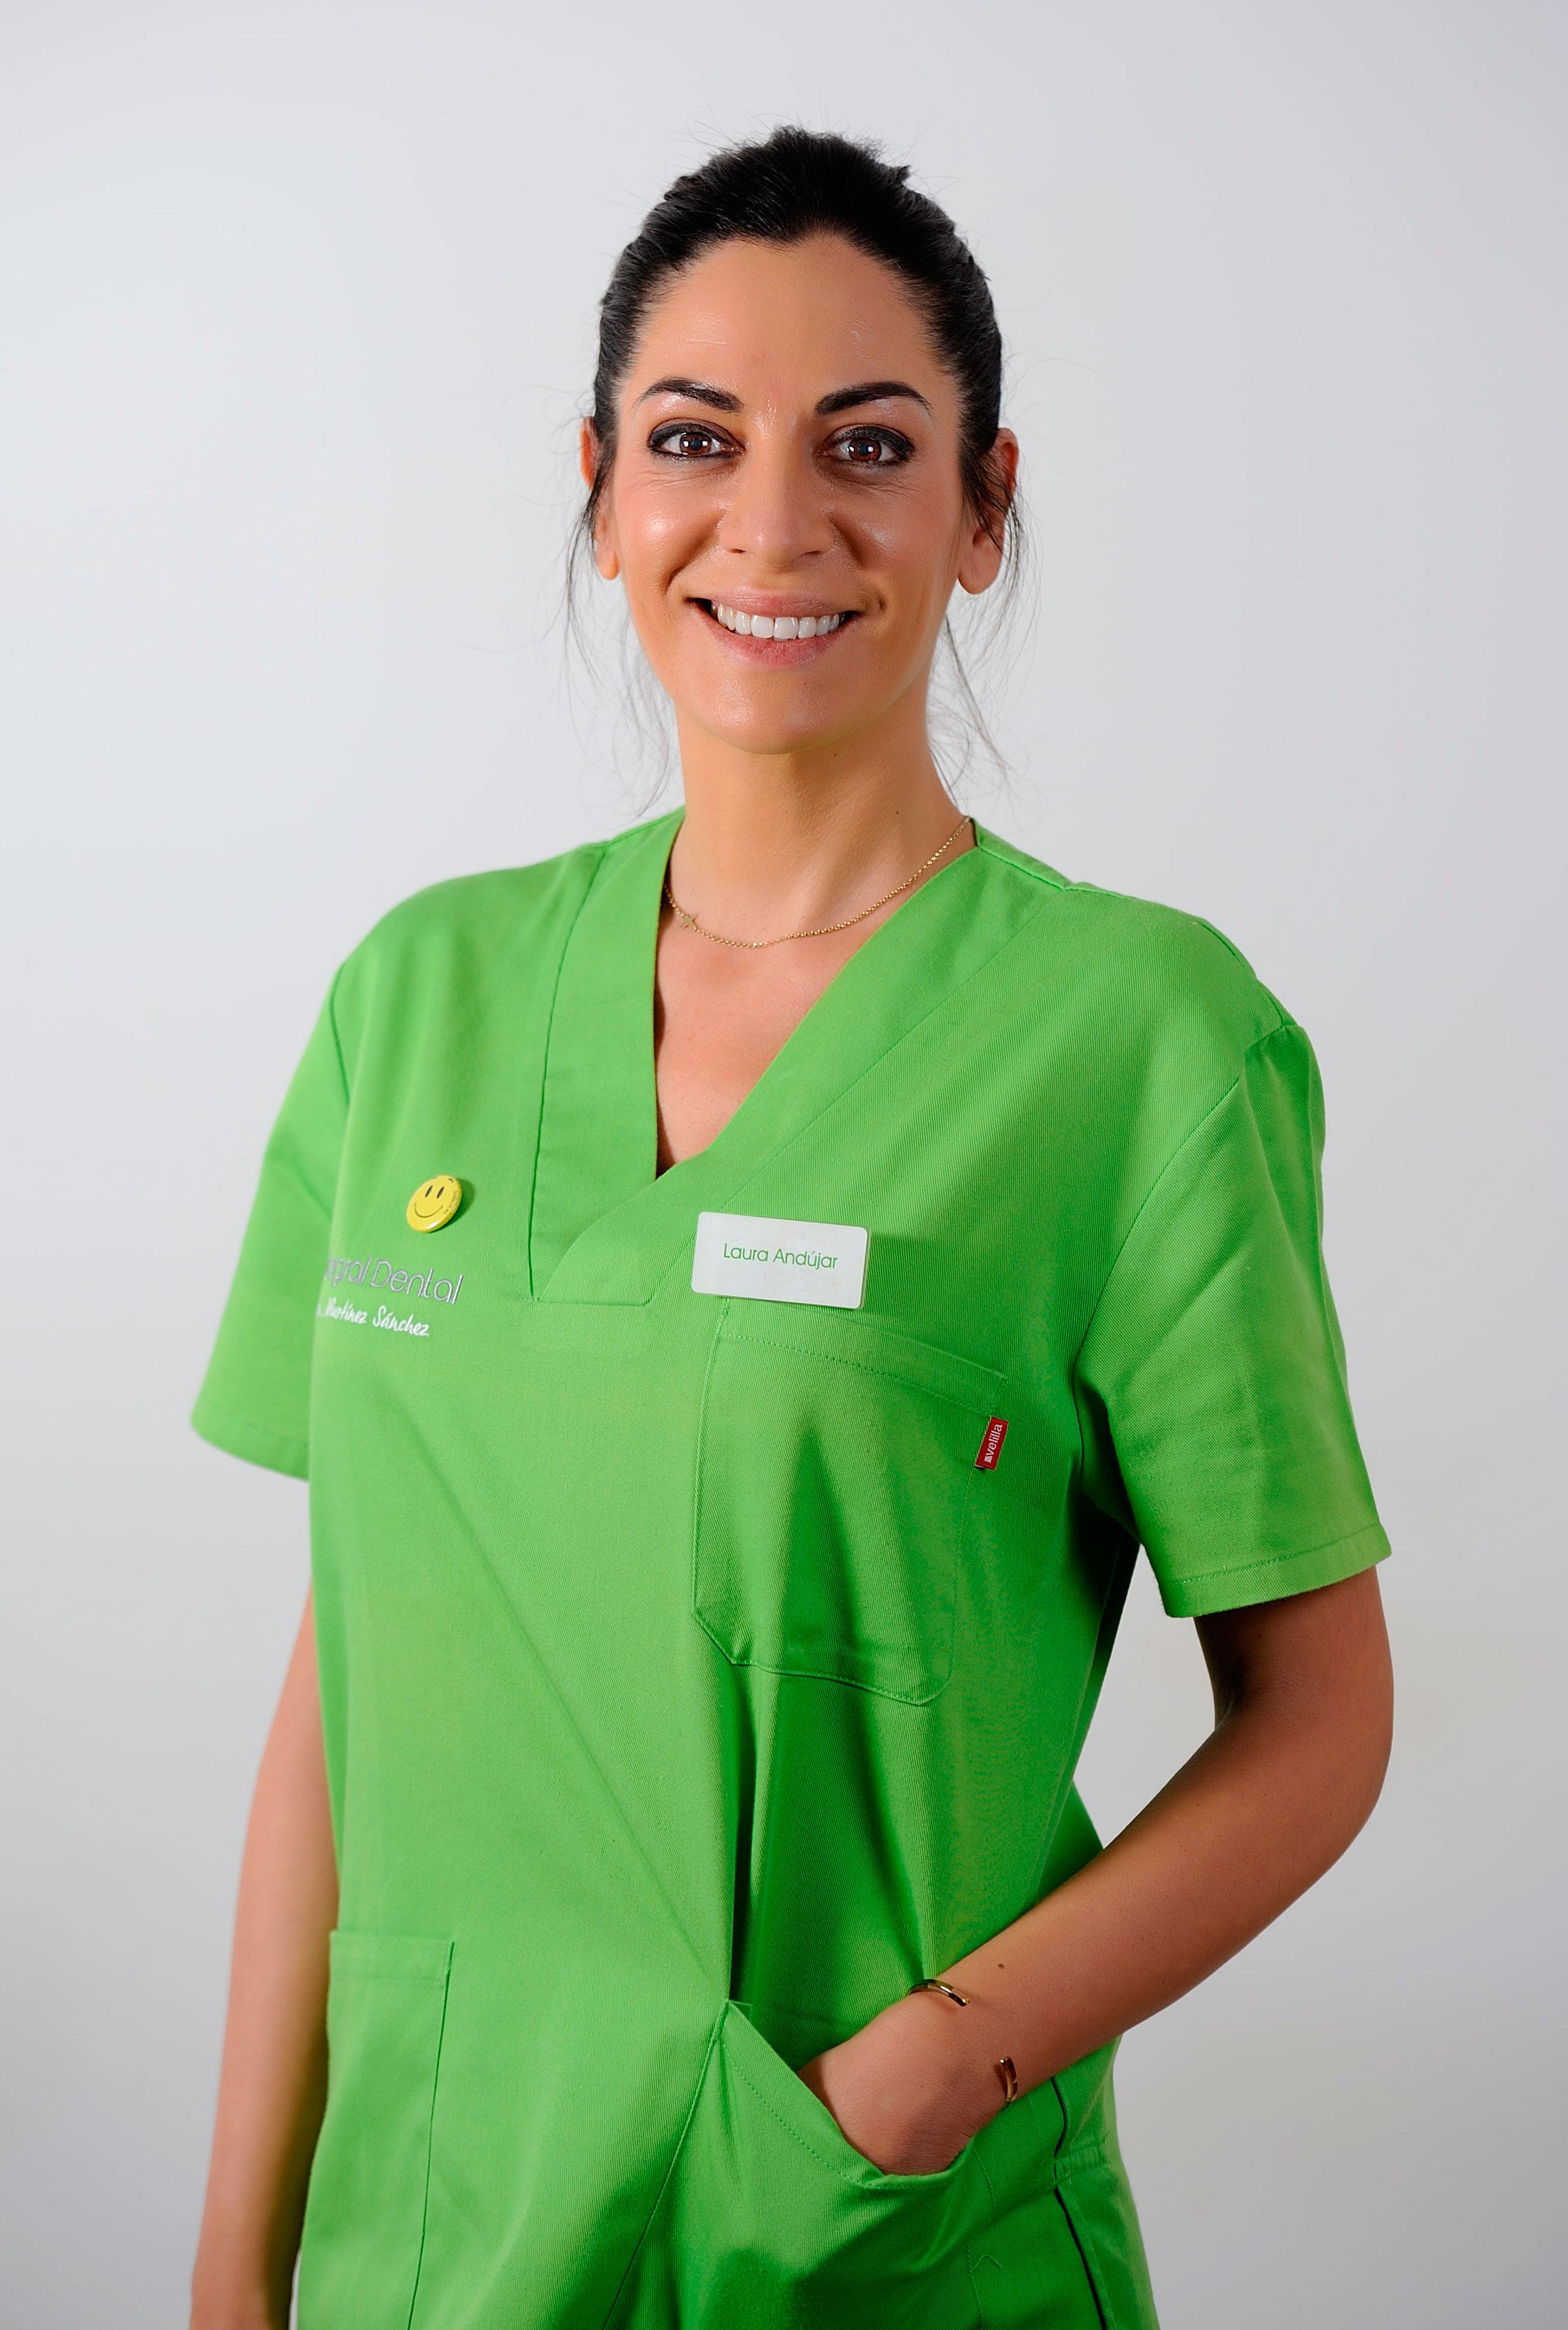 Laura Andujar